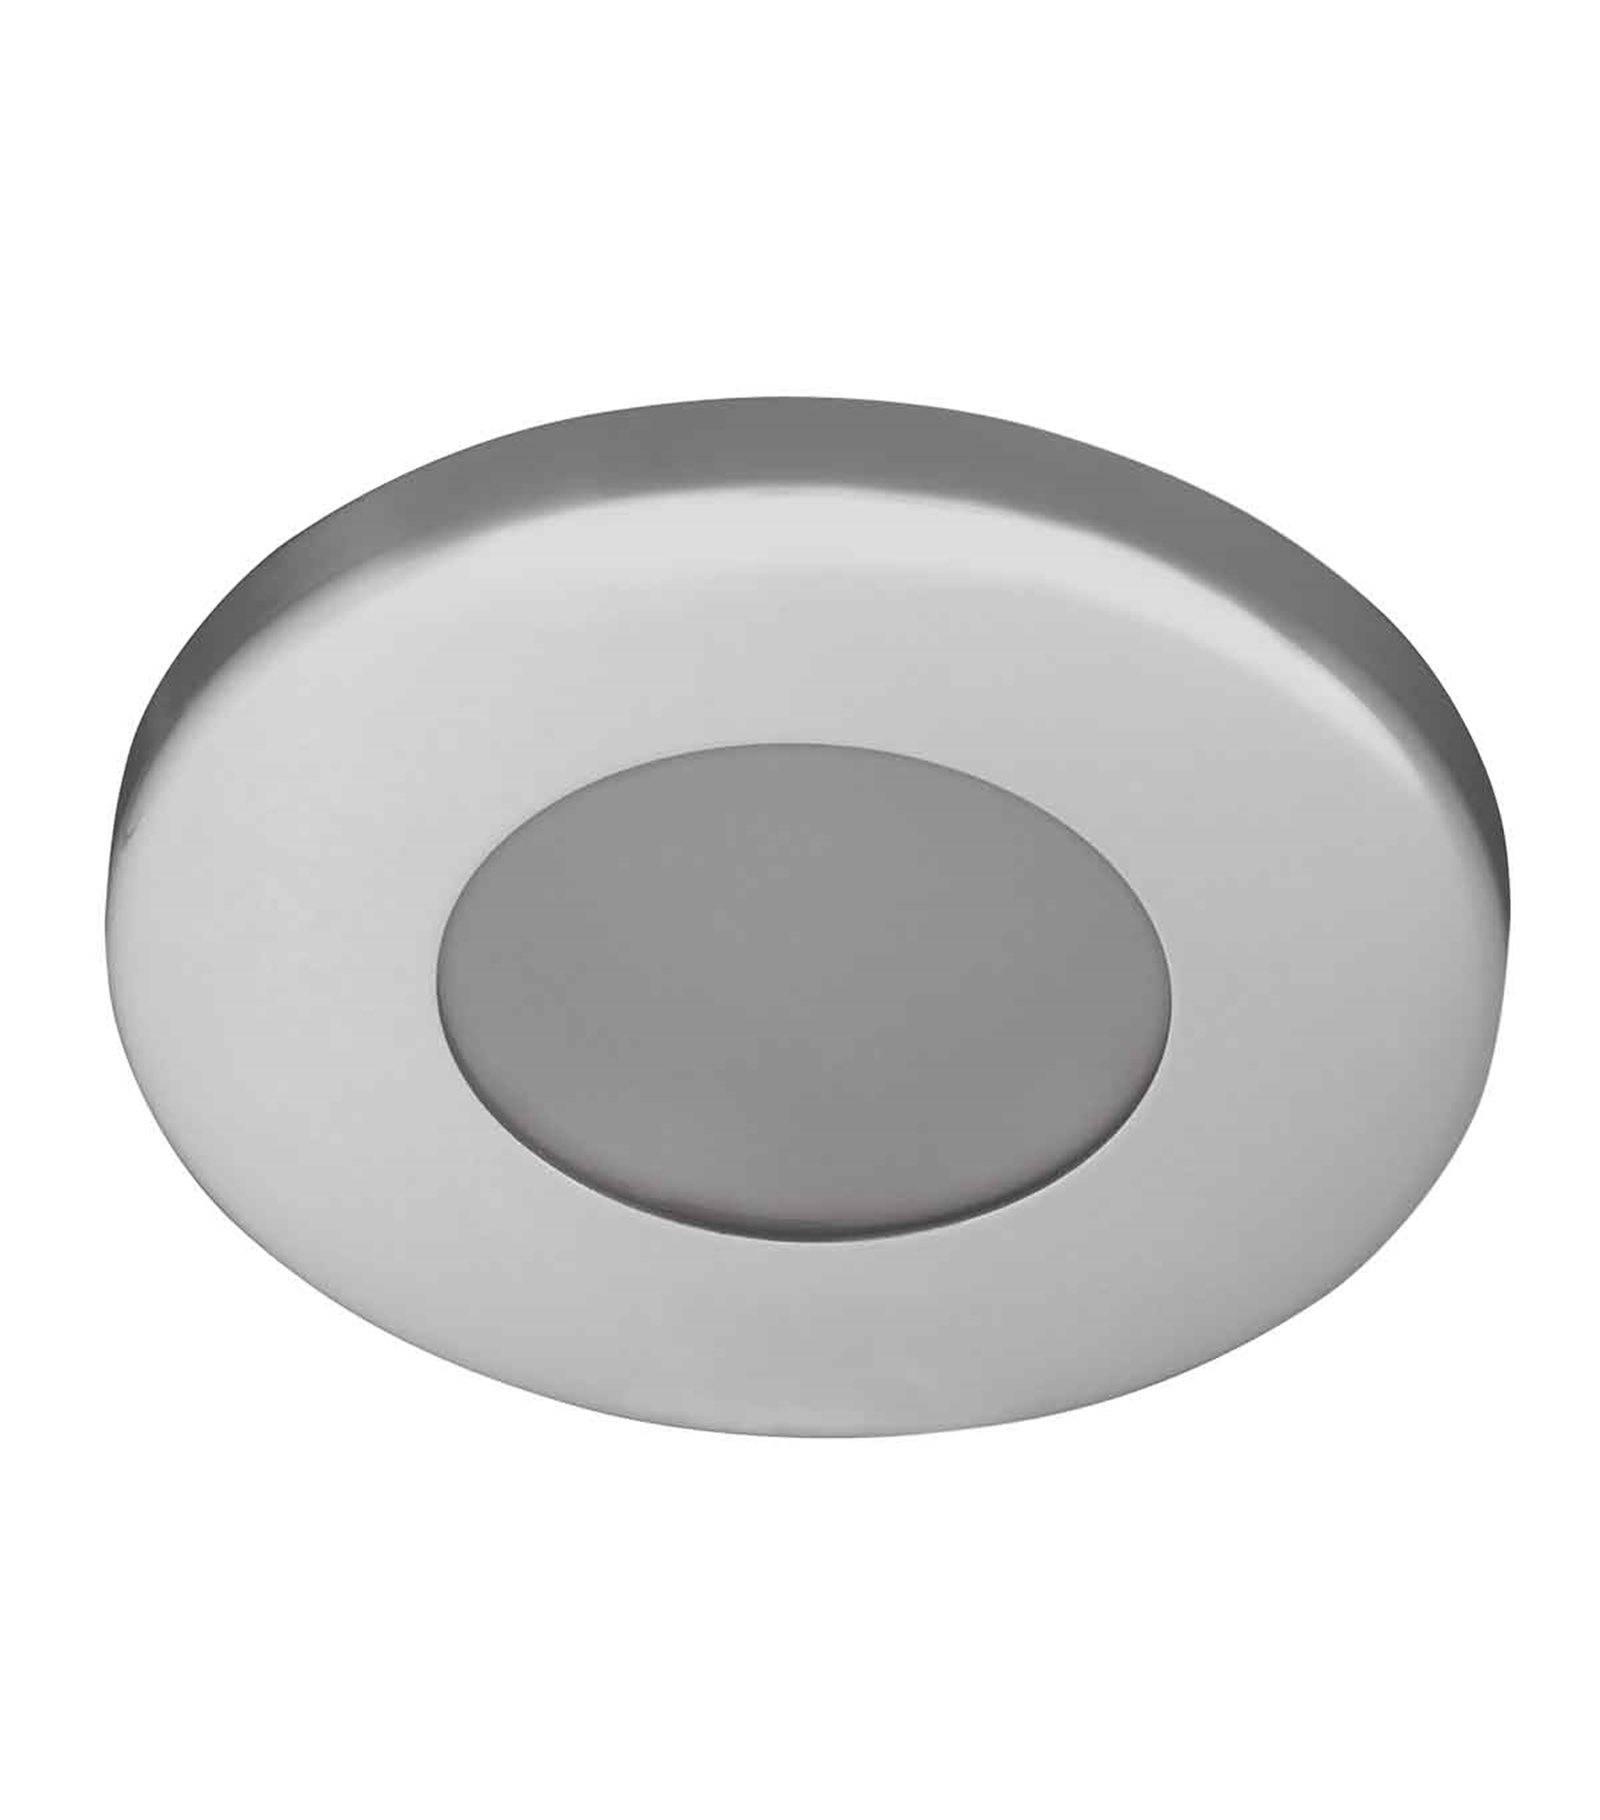 Spot encastrable salle de bain marin chrome rond gu5 3 - Spot salle de bain ip44 ...